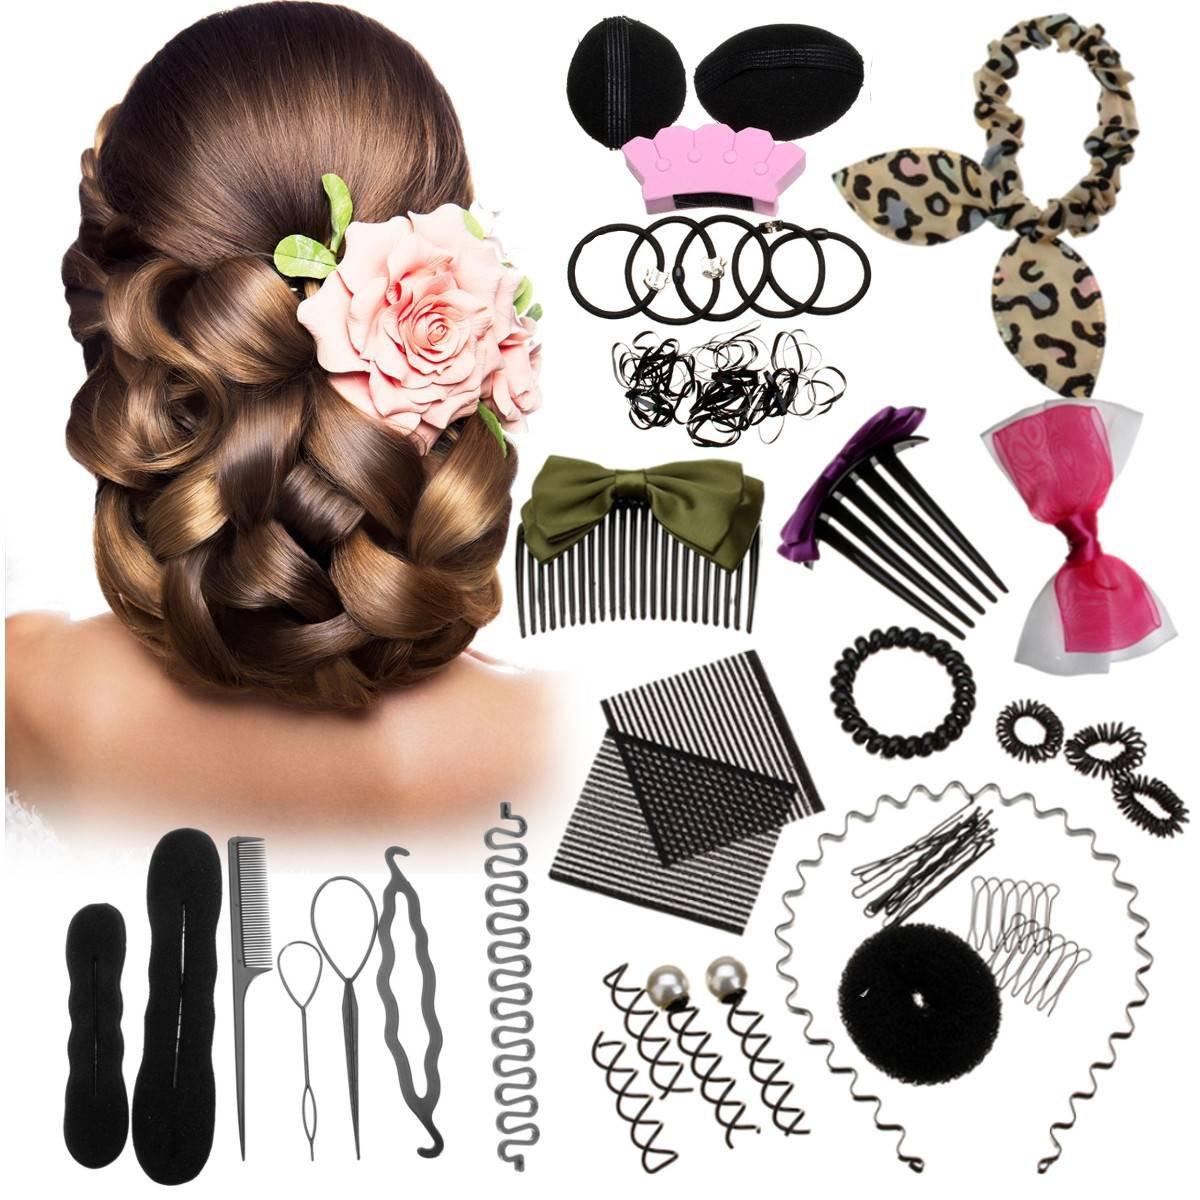 LuckyFine Frisurenhilfe Haar Styling Werkzeug Set Haarkamm schwamm Haardreher Pads Foam Sponge Bun Donut Hair Clip